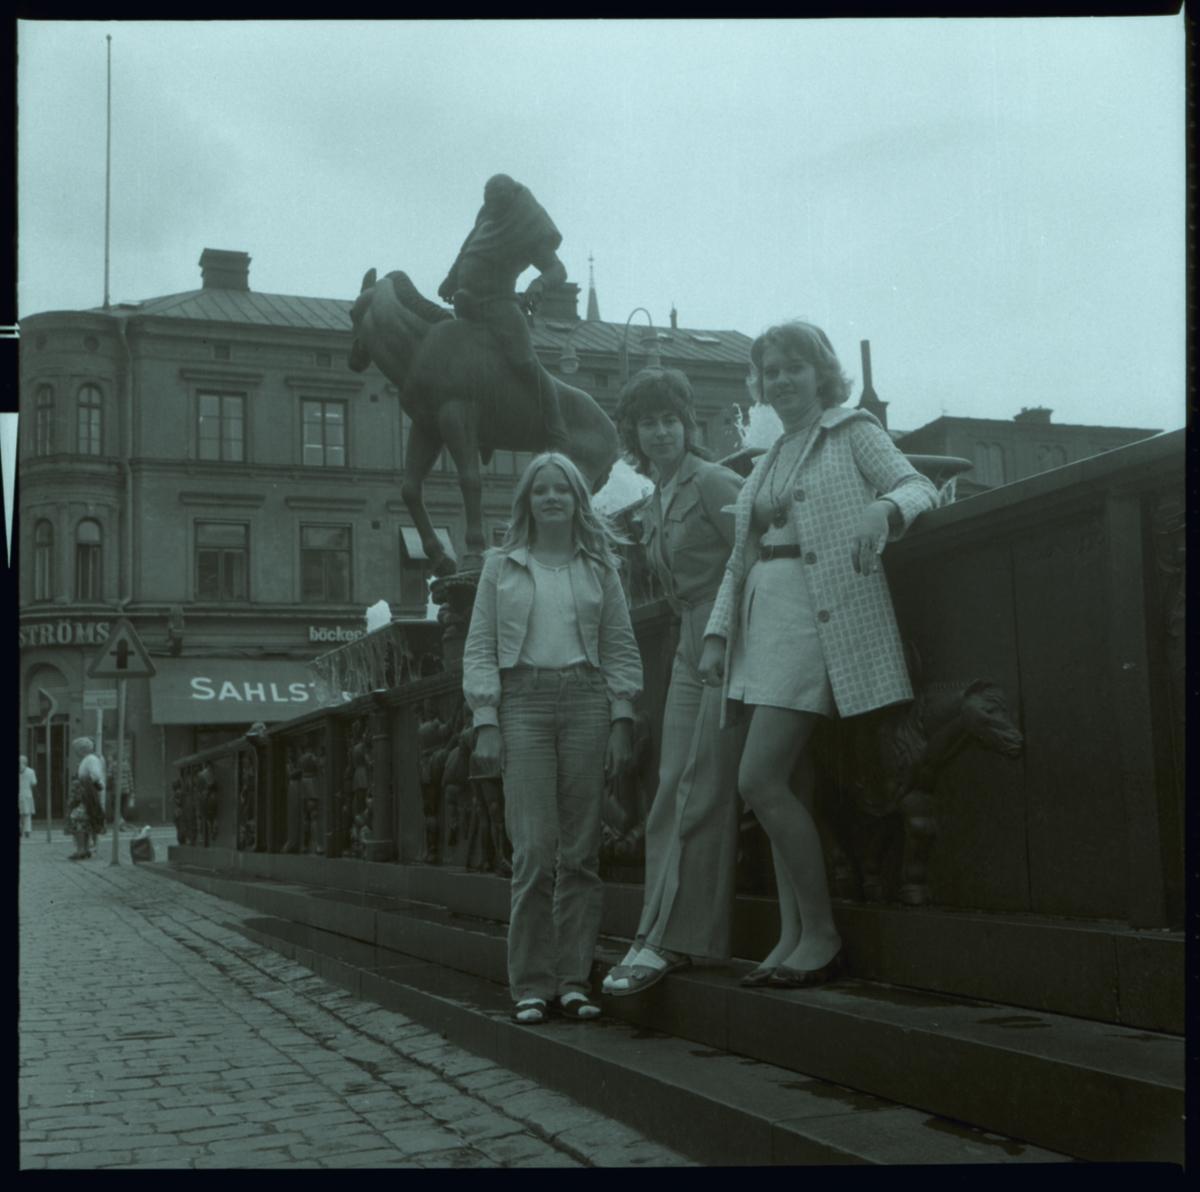 Stora torget sett västerut från Storgatan.Tre kvinnor står vid Folkungabrunnen, en skulptur av Carl Milles som invigdes 1927. Byggnaden i bakgrunden inrymmer Sahlströms bokhandel.